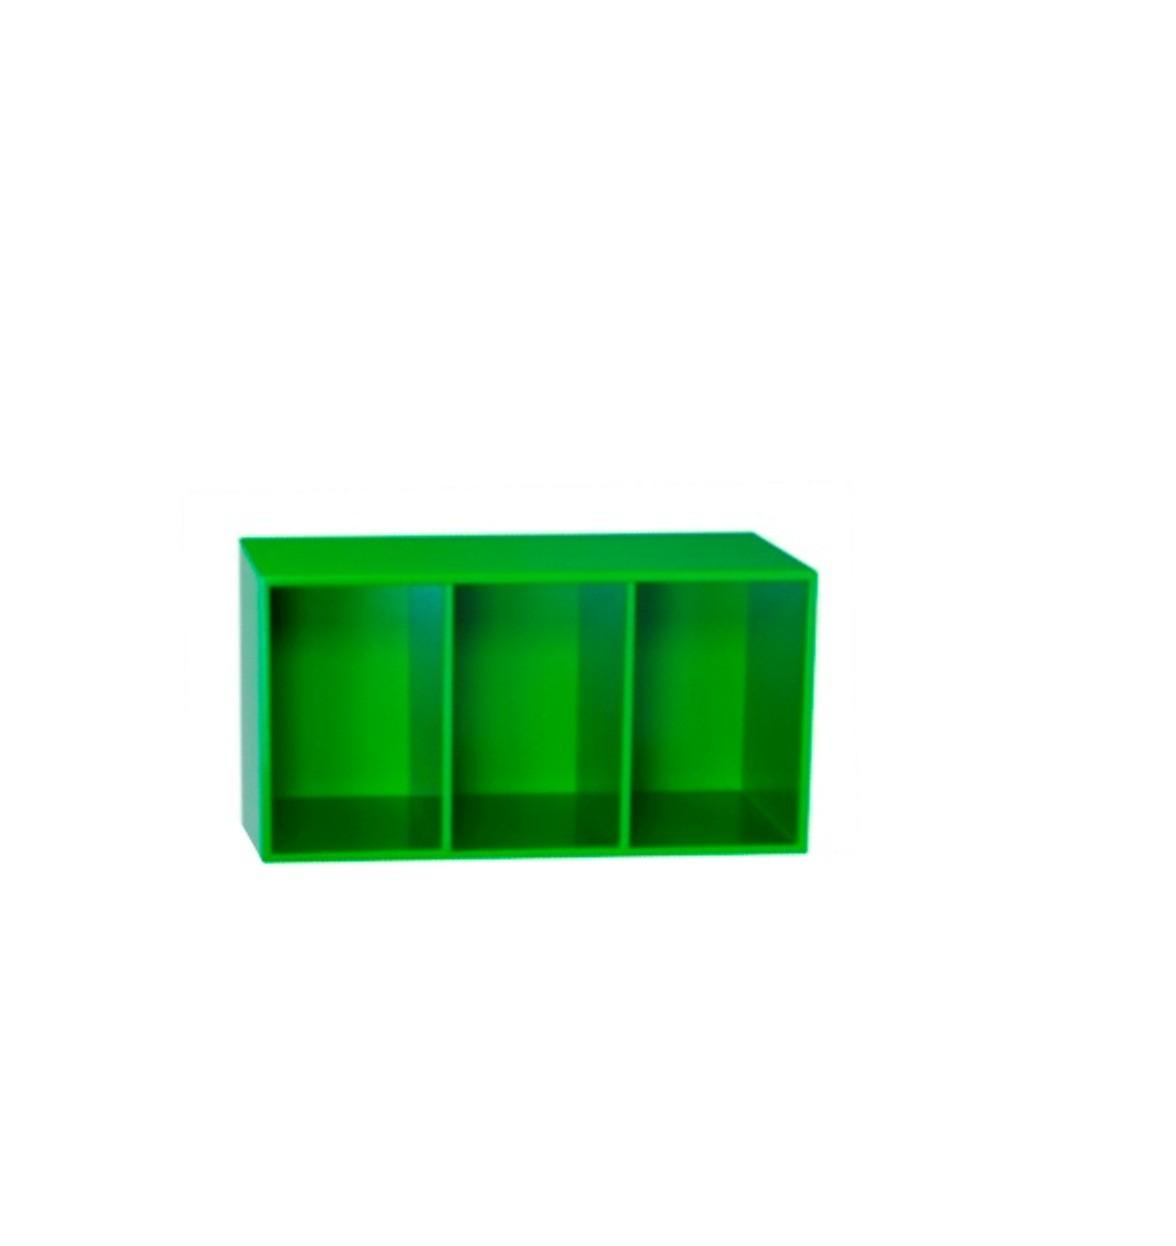 KUBIK 4305 Grøn